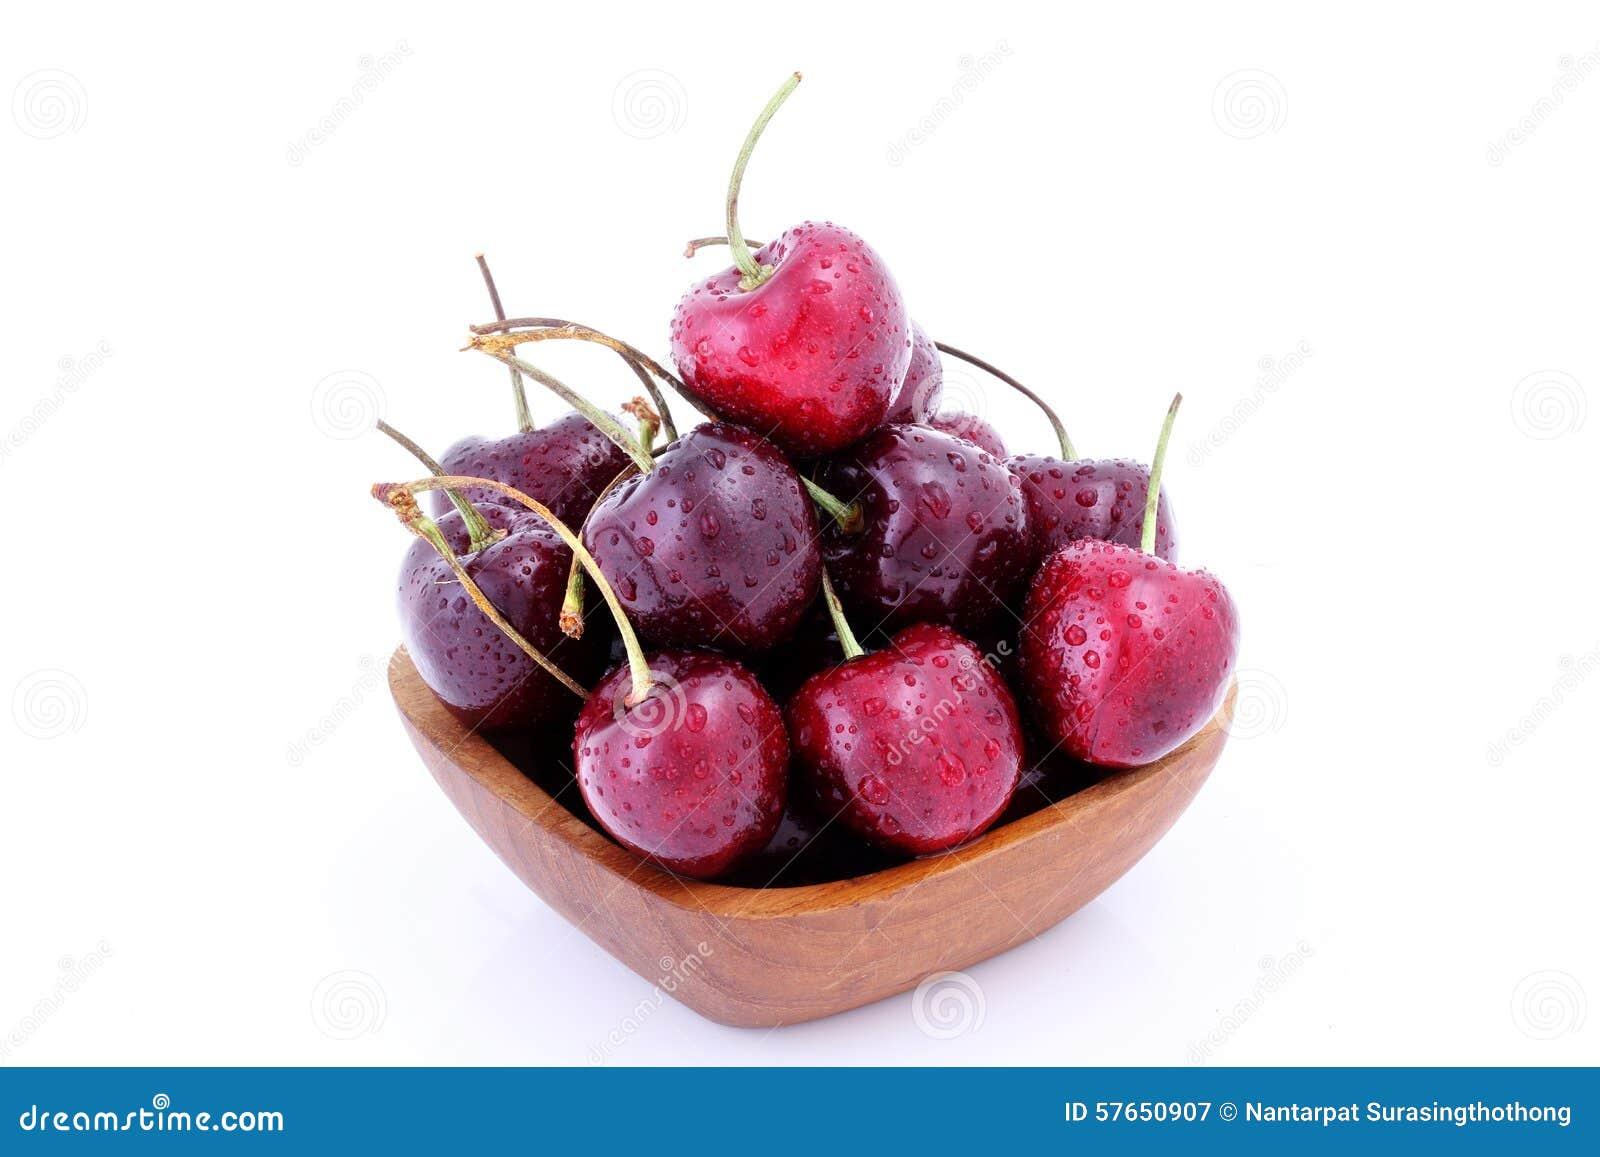 Słodkie wiśnie w drewnianym pucharze odizolowywającym na białym tle